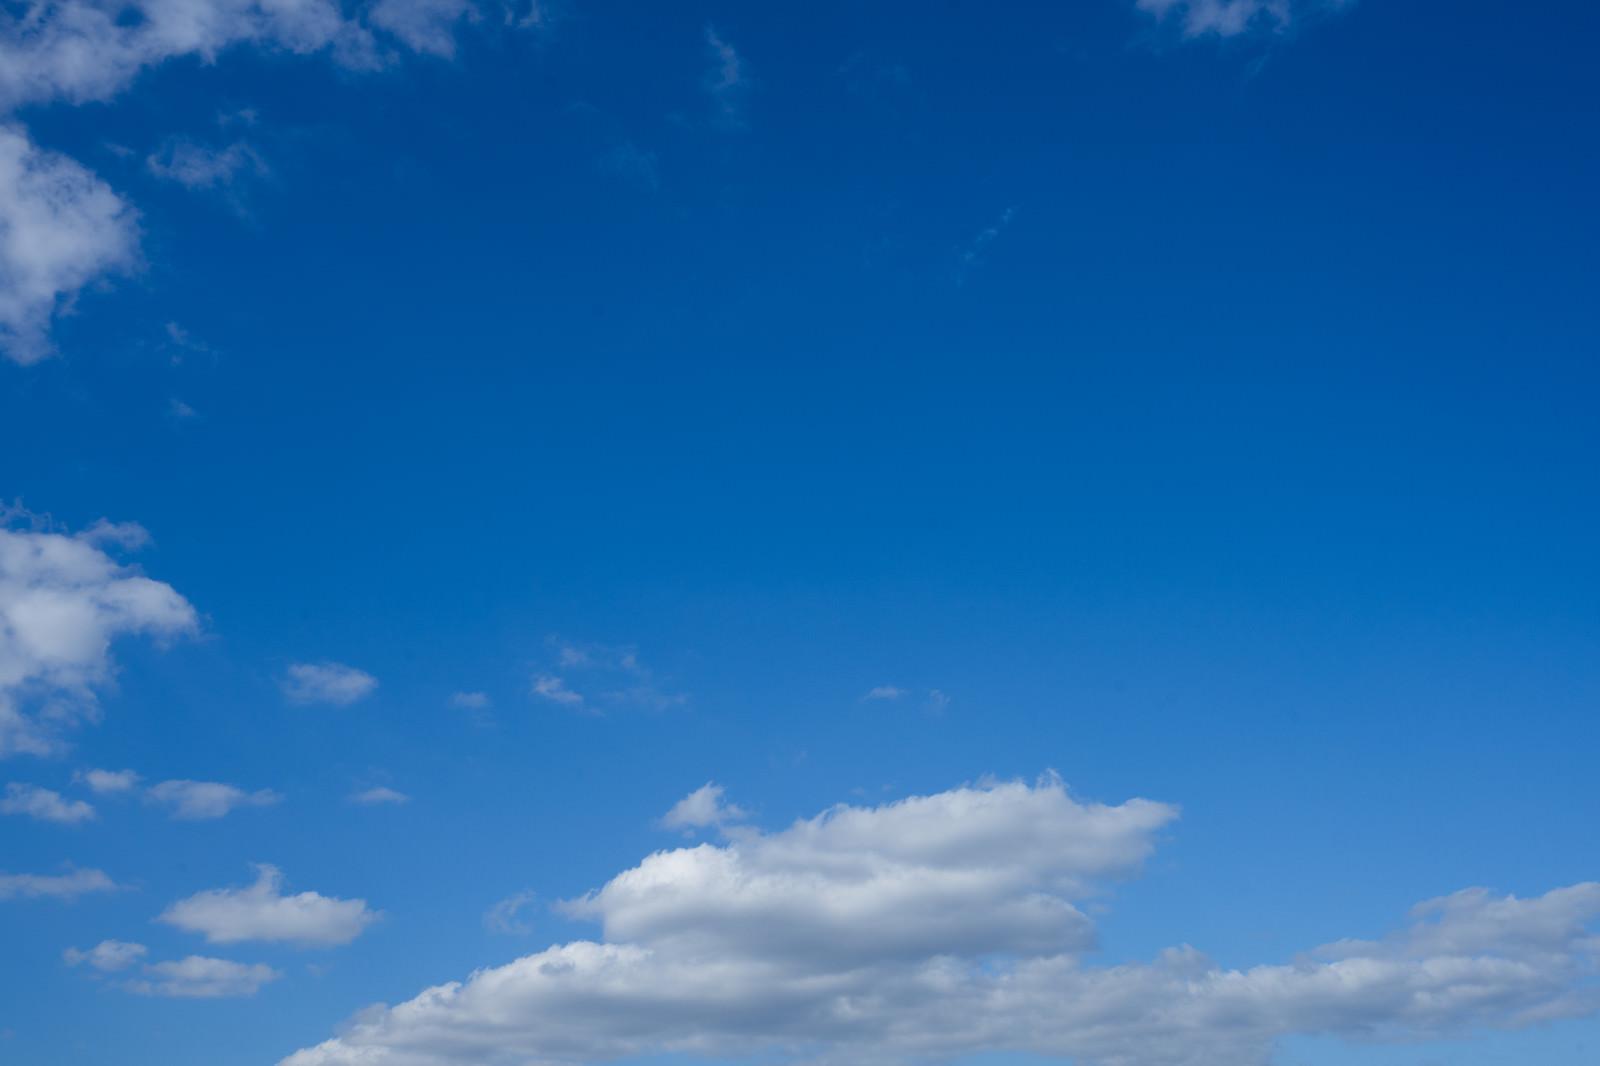 「晴れた空晴れた空」のフリー写真素材を拡大